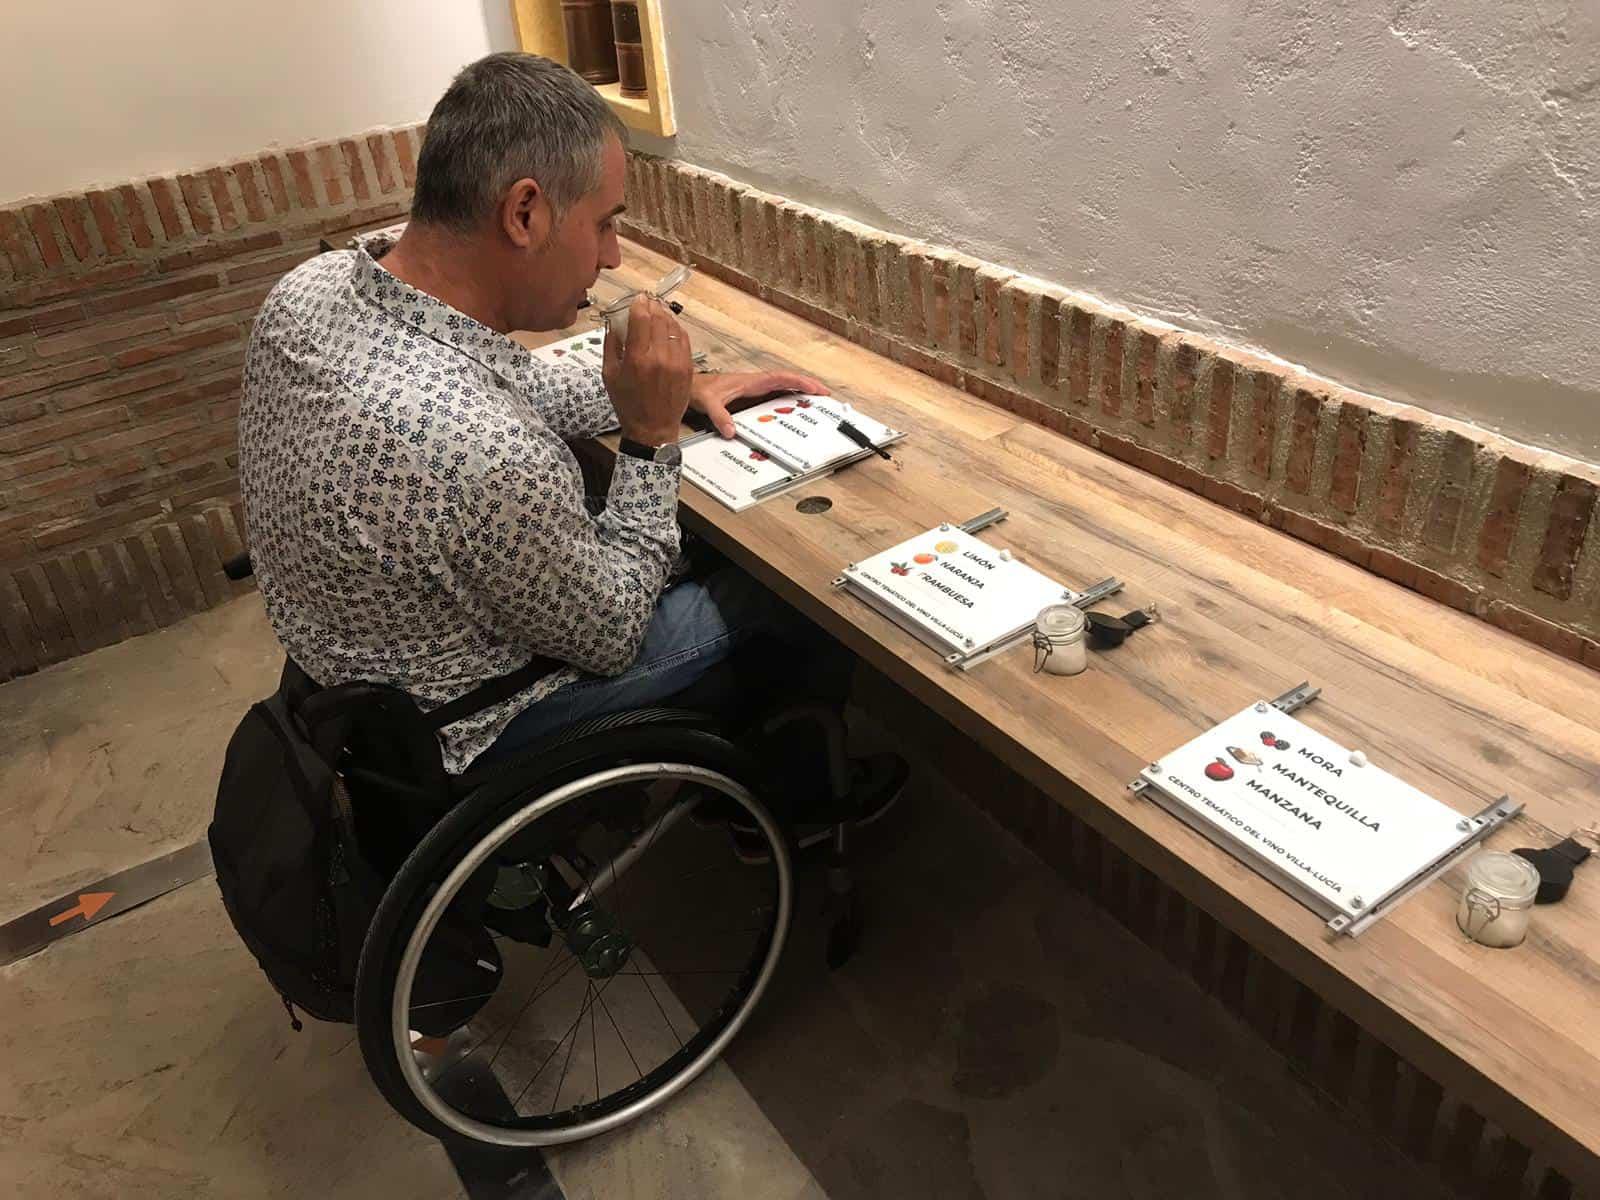 Usuario de silla de ruedas oliendo